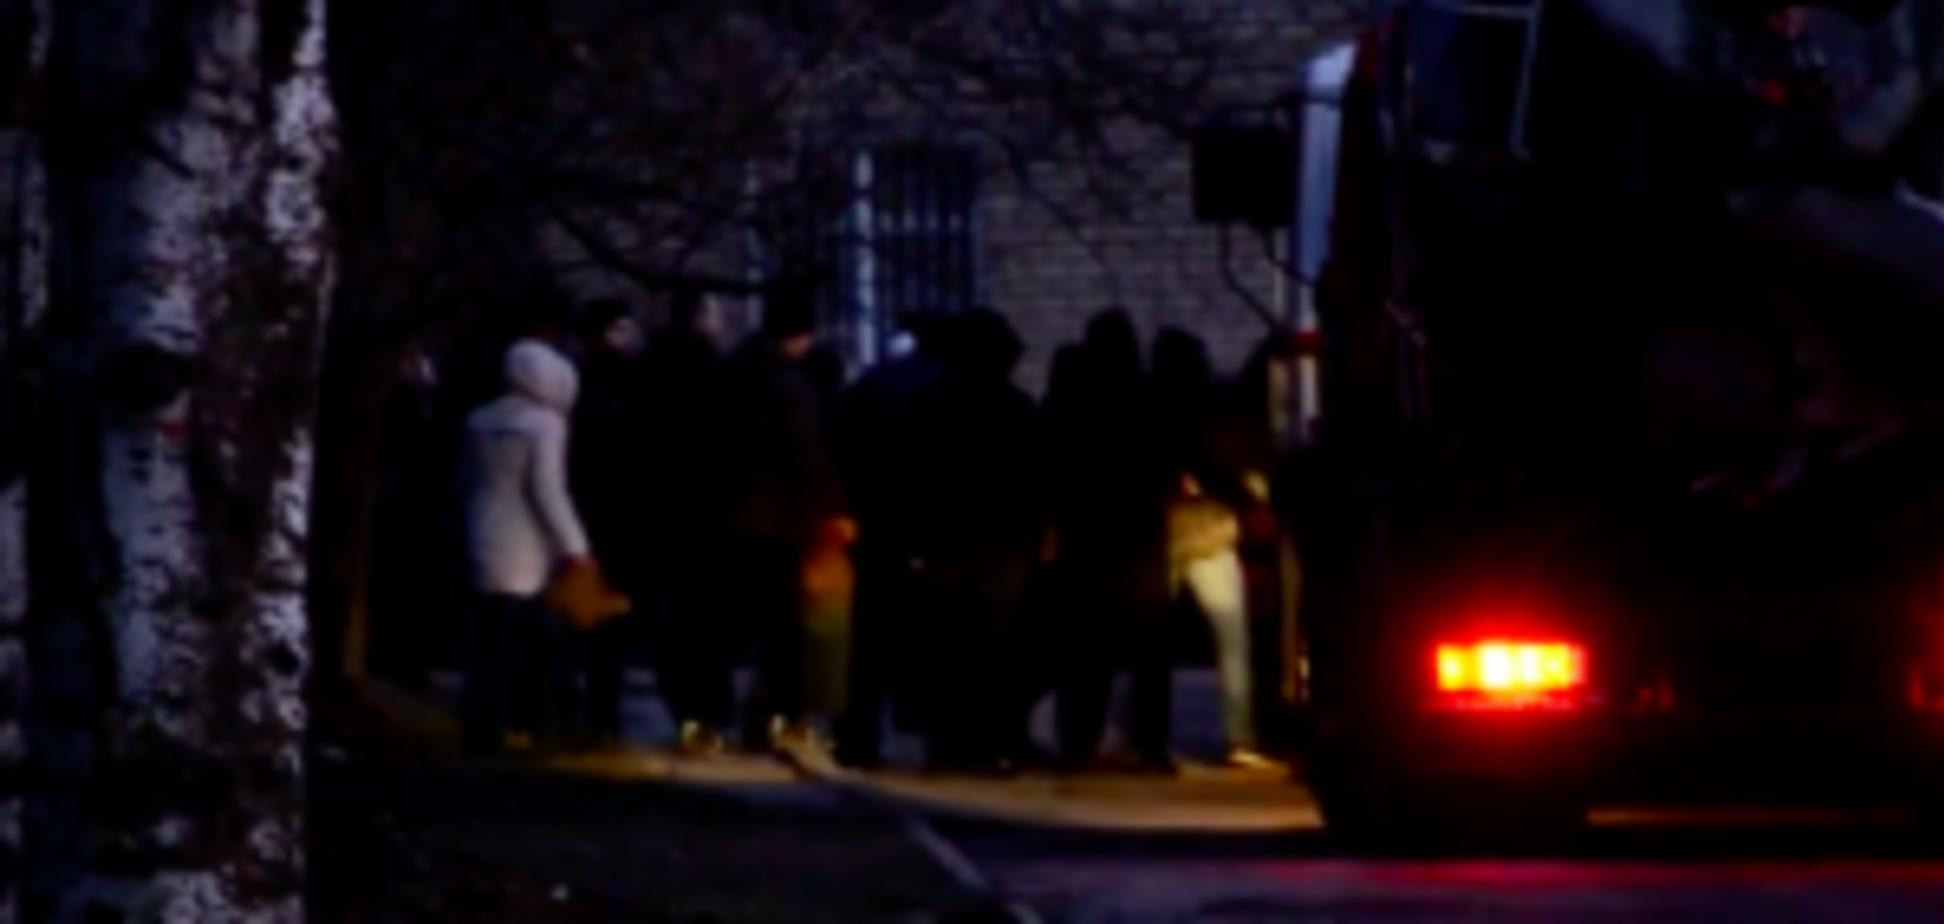 В Запорожье произошла серьезная потасовка между местными жителями и охранниками строящегося жилкомплекса (ФОТО, ВИДЕО)